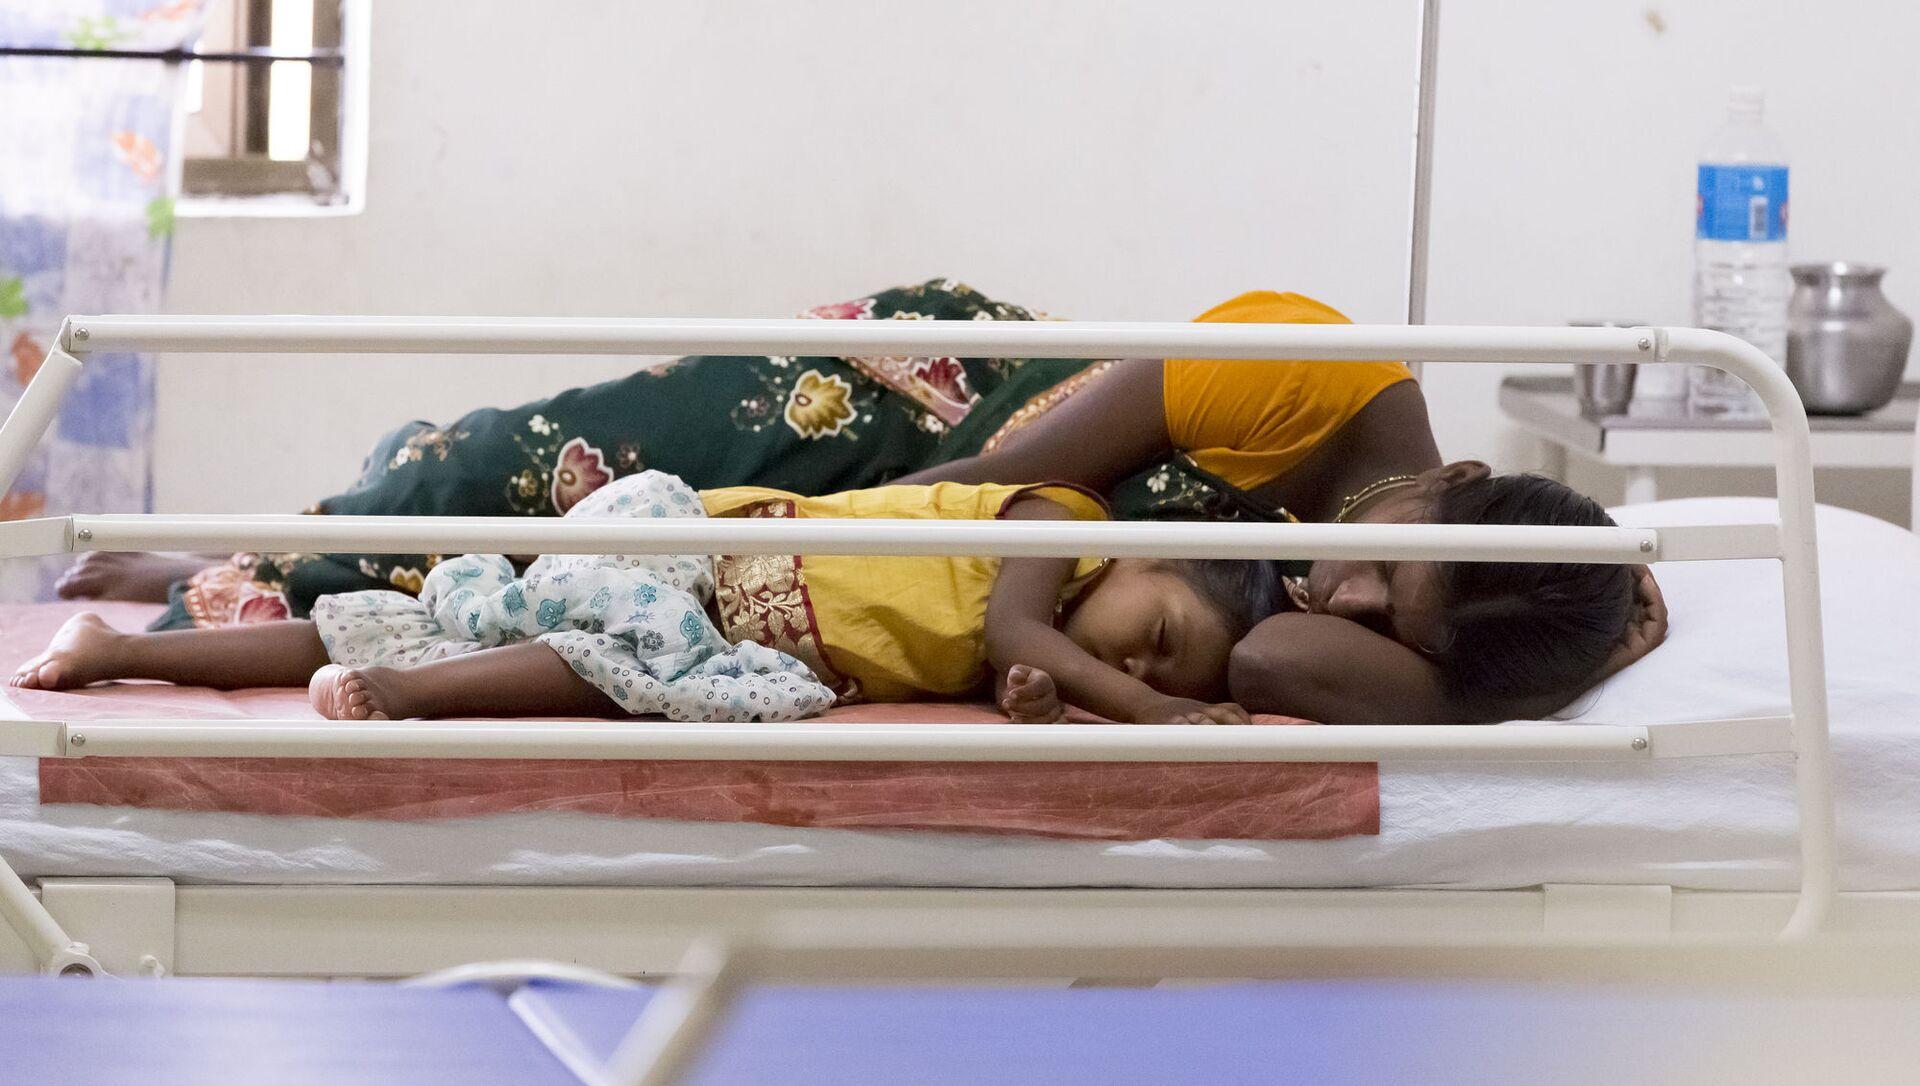 Người phụ nữ Ấn Độ và đứa con trong bệnh viện. - Sputnik Việt Nam, 1920, 21.05.2021